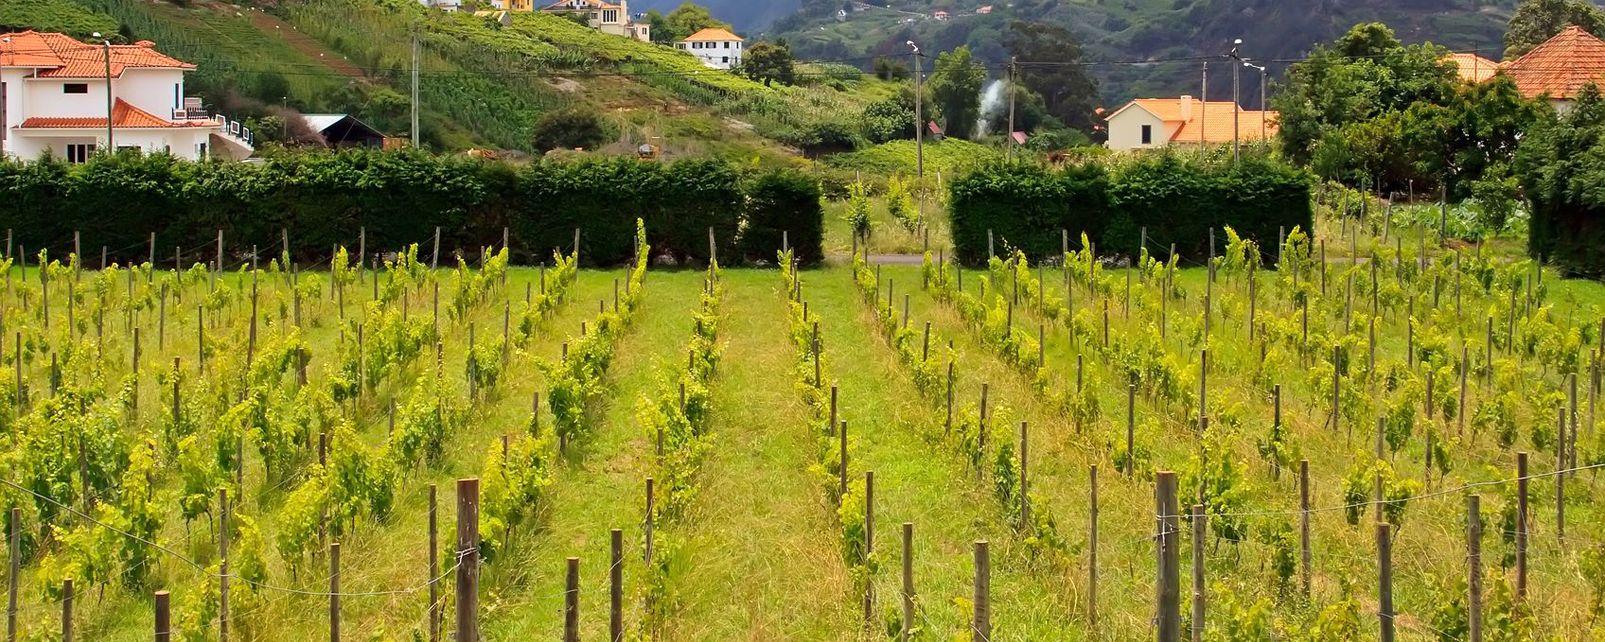 Grappoli preziosi, La vite, La fauna e la flora, Madeira